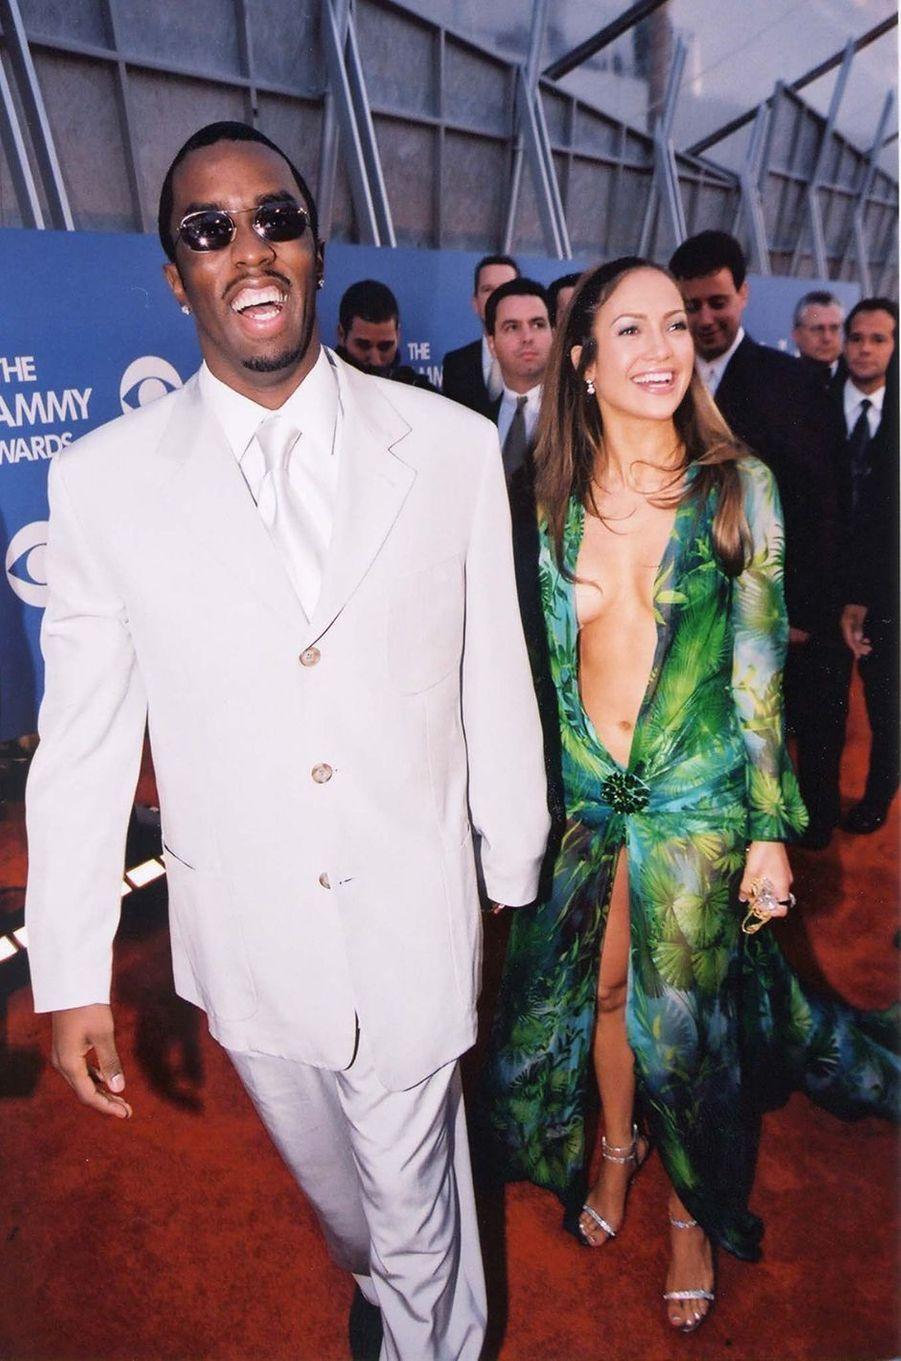 Sean Combs et Jennifer Lopez aux Grammy Awards à Los Angeles en février 2000.Le duo de stars s'est fréquenté plusieurs mois entre 1999 et 2000.